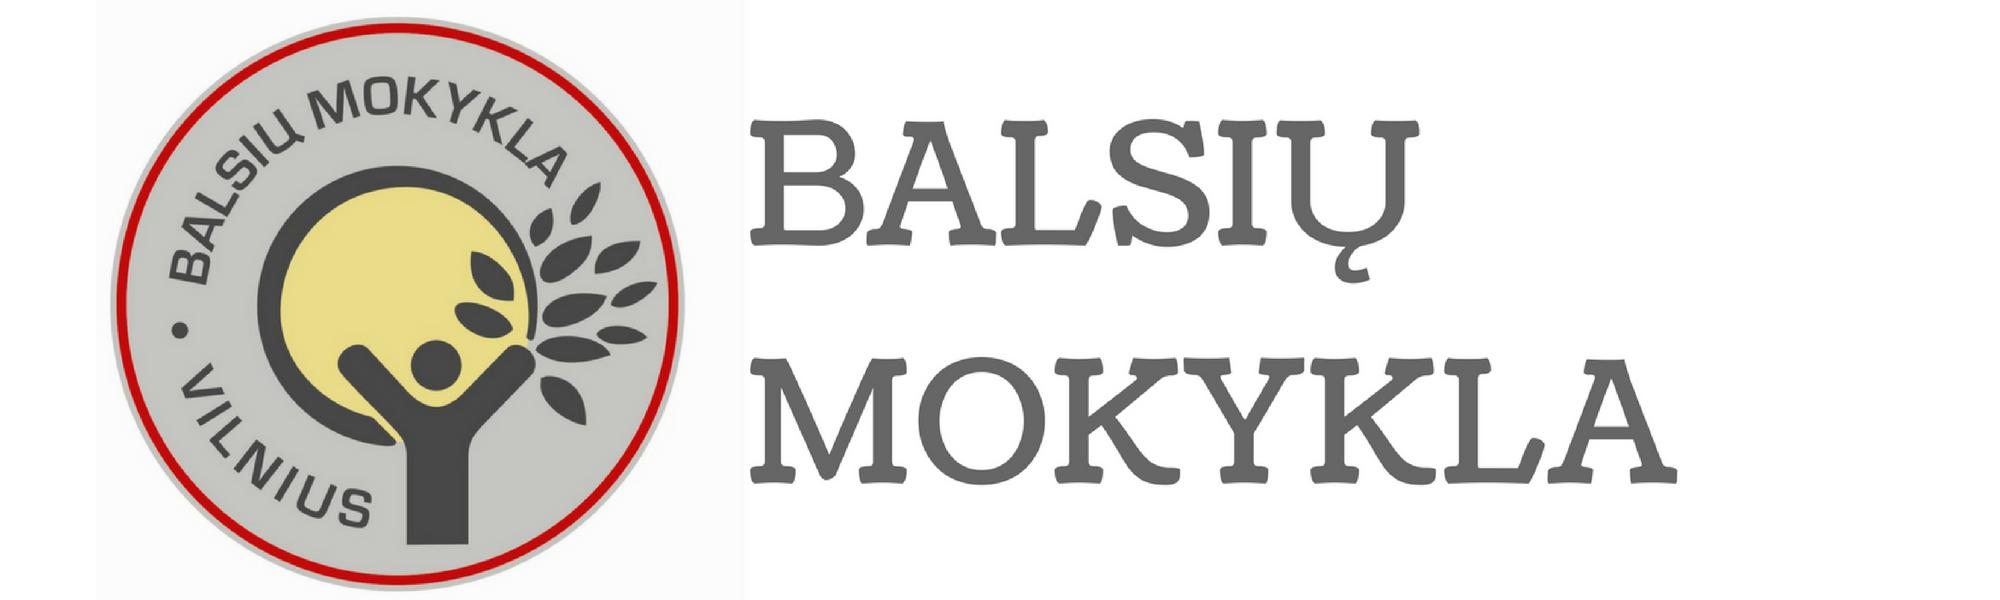 balsių mokykla logo